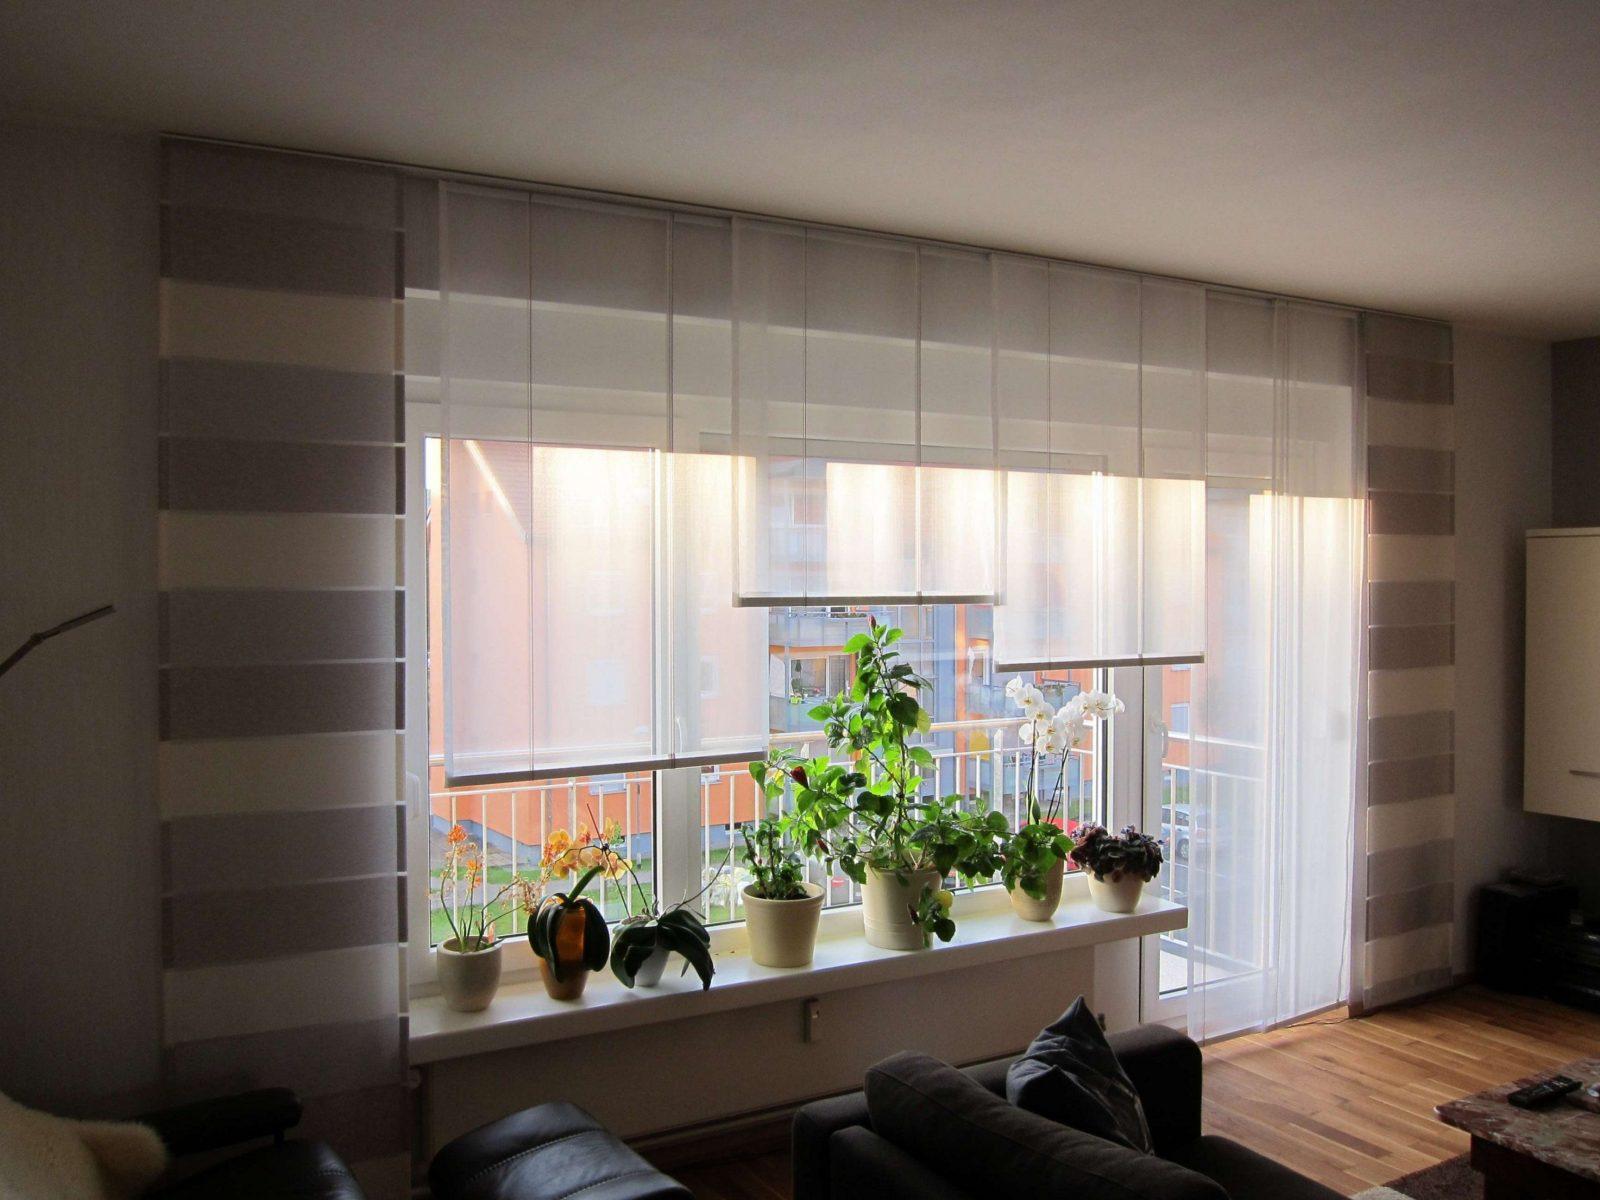 32 Genial Kurze Gardinen Wohnzimmer Bild Dekor Für Bed Garten Und Von Kurze Gardinen  Wohnzimmer Bild